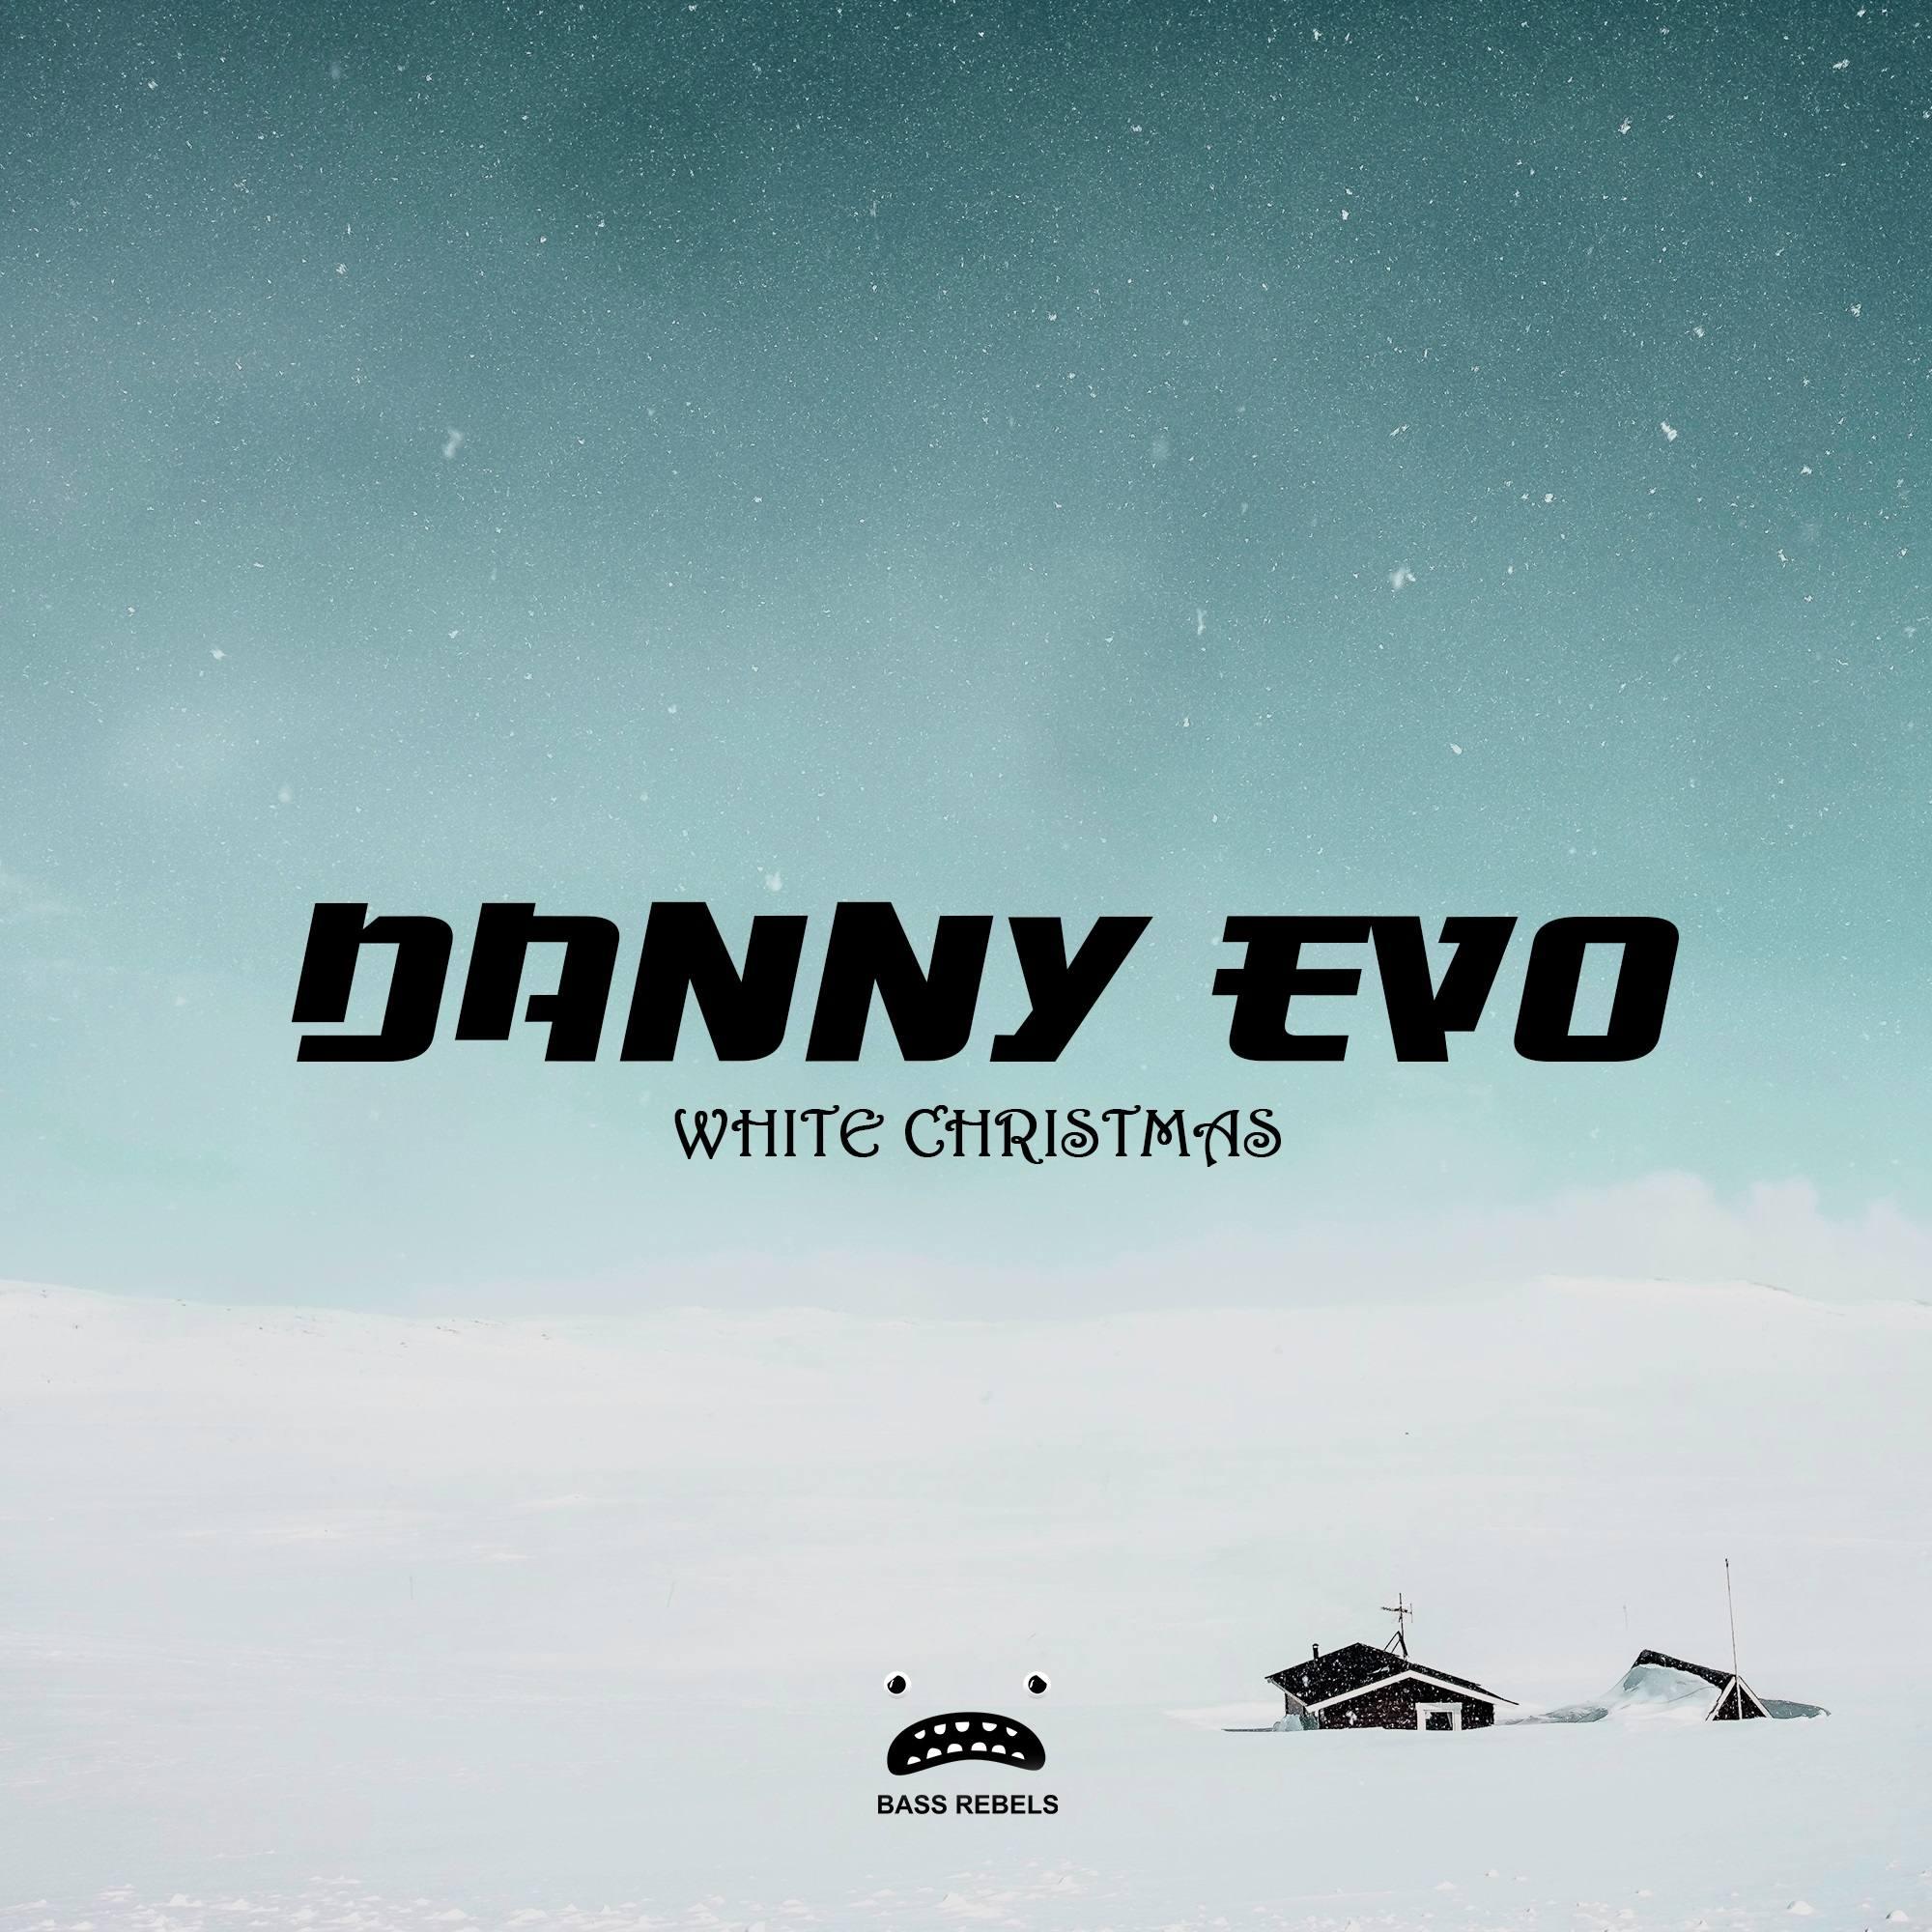 Christmas Music Non Copyright